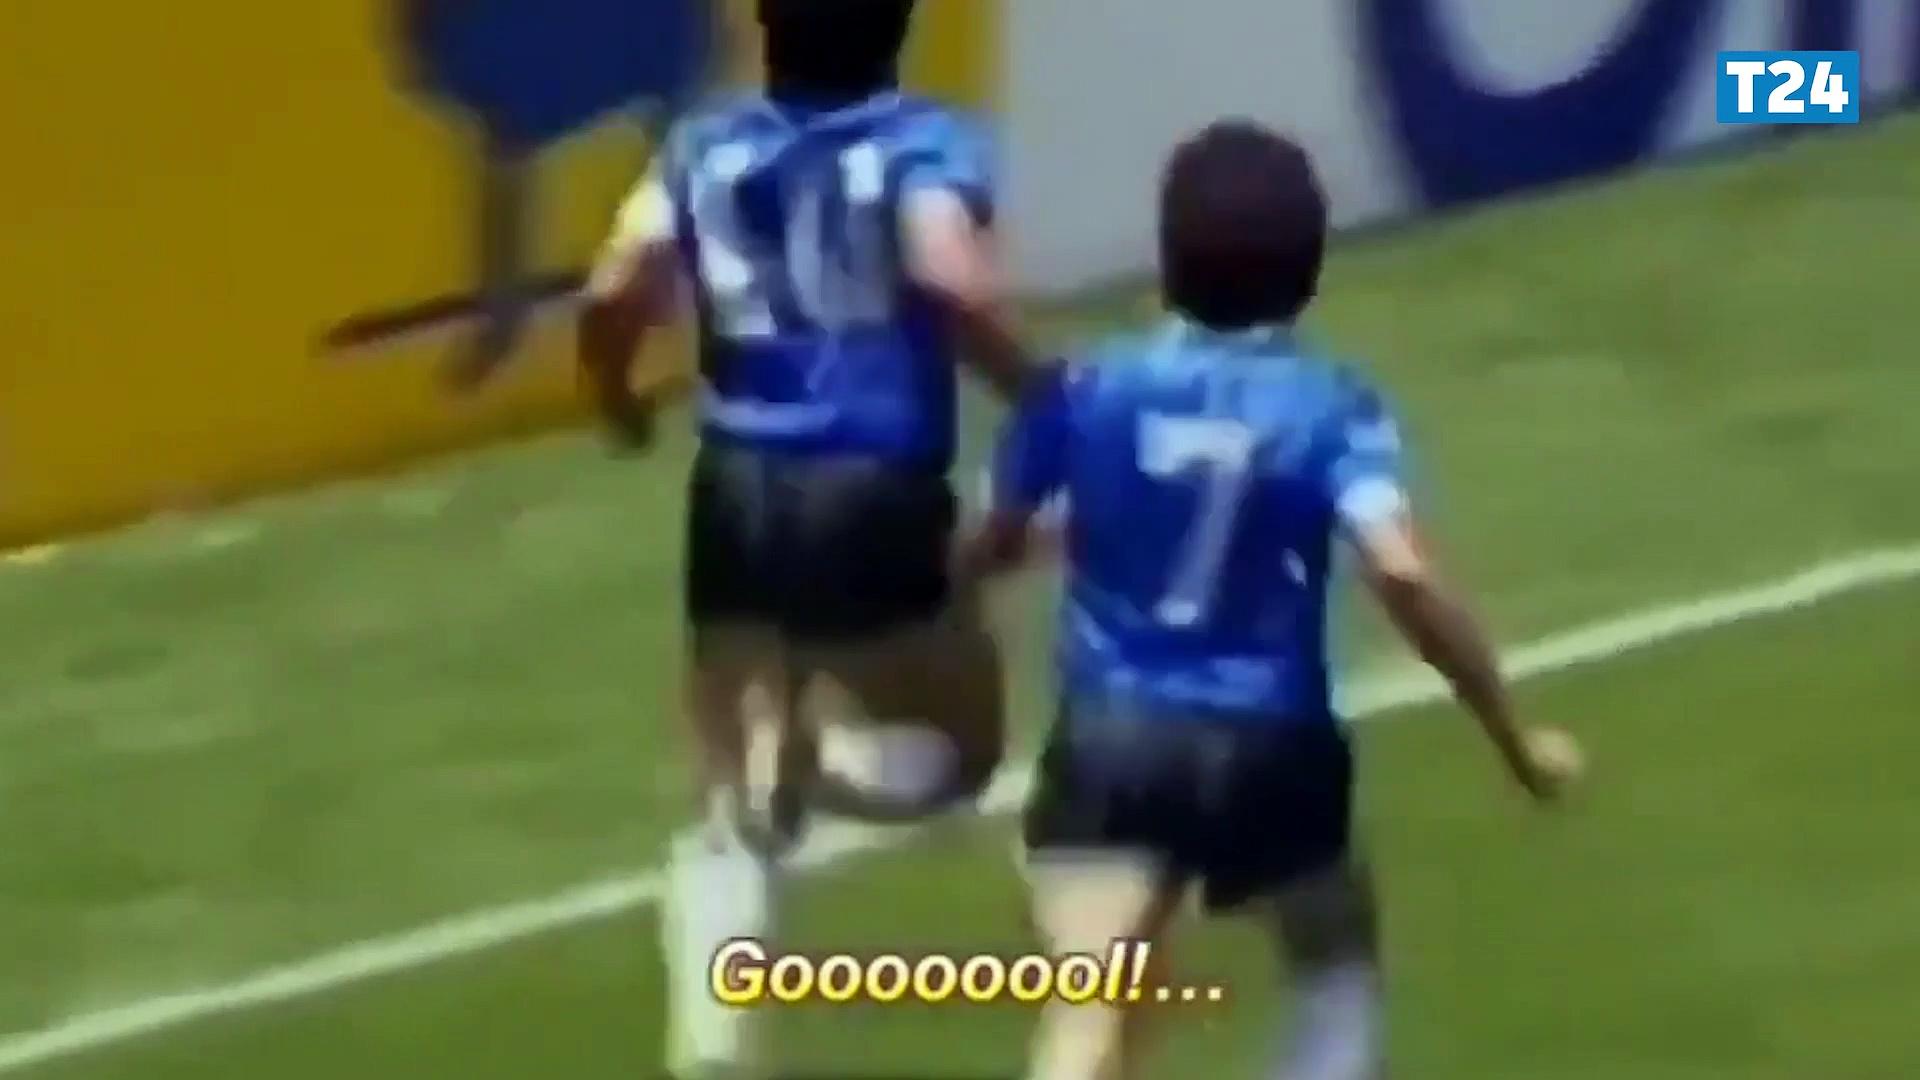 'Tanrının Eli'nden 'Yüzyılın Golü'ne; işte hayatını kaybeden futbol efsanesi Maradona'nın en güzel gol ve çalımları